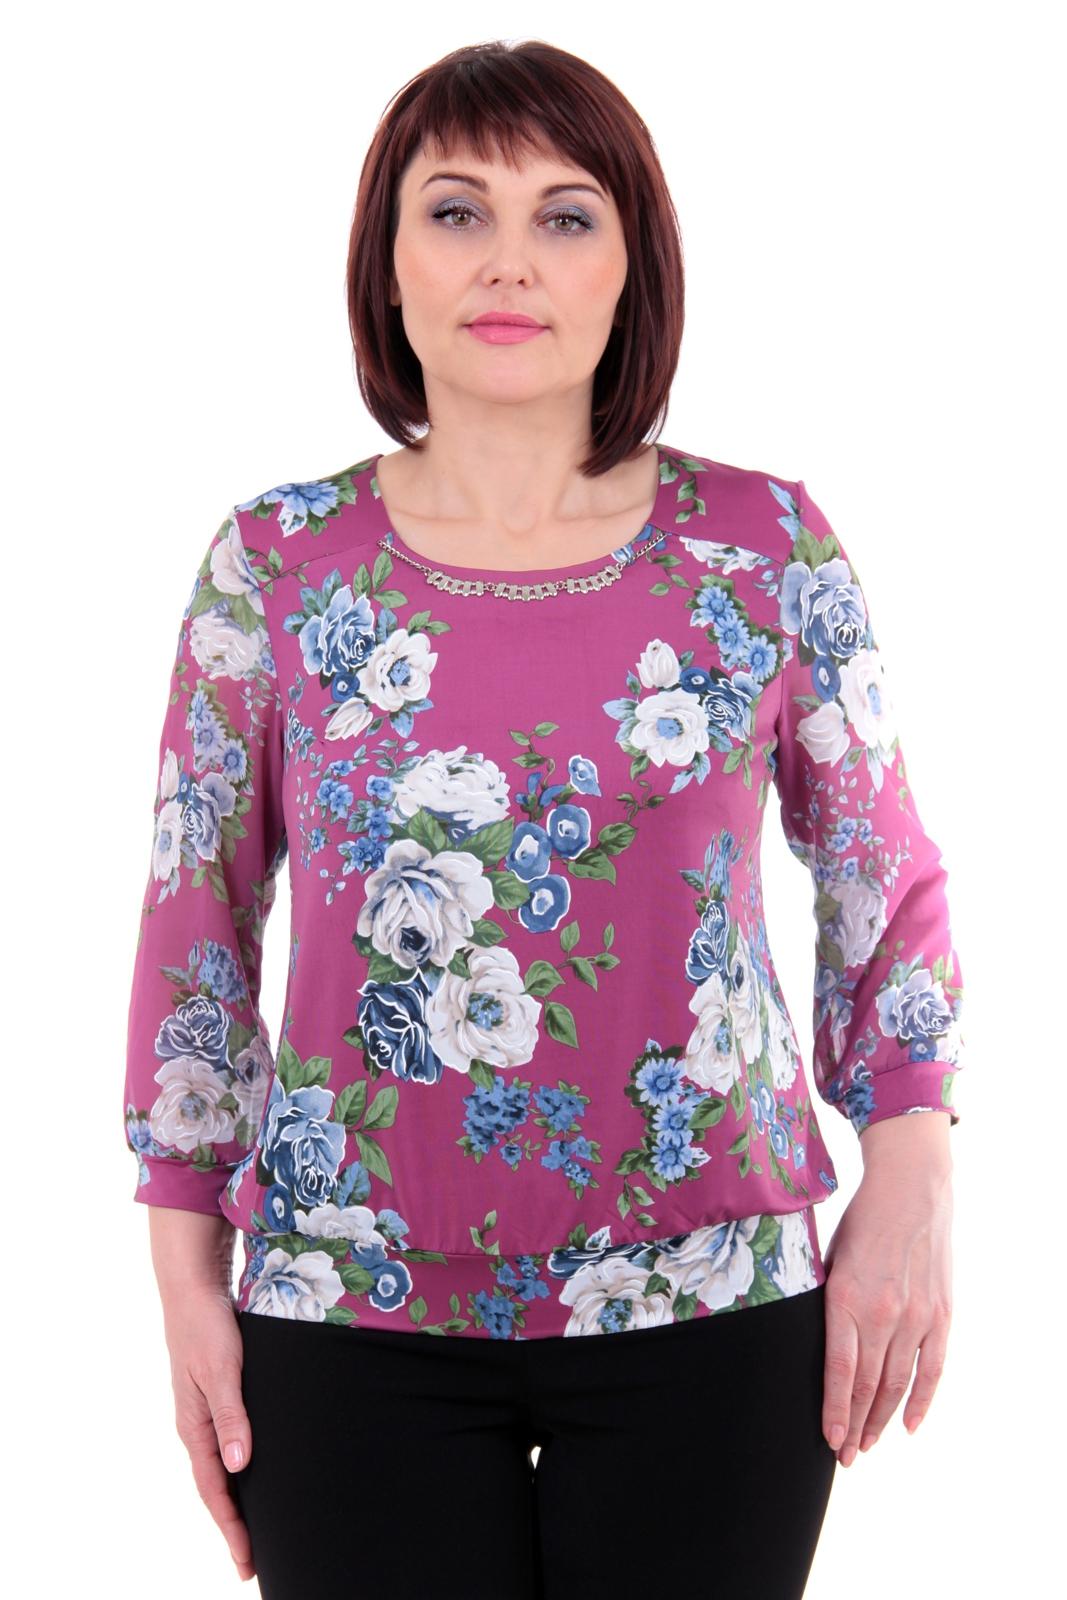 Shop интернет магазин женской одежды